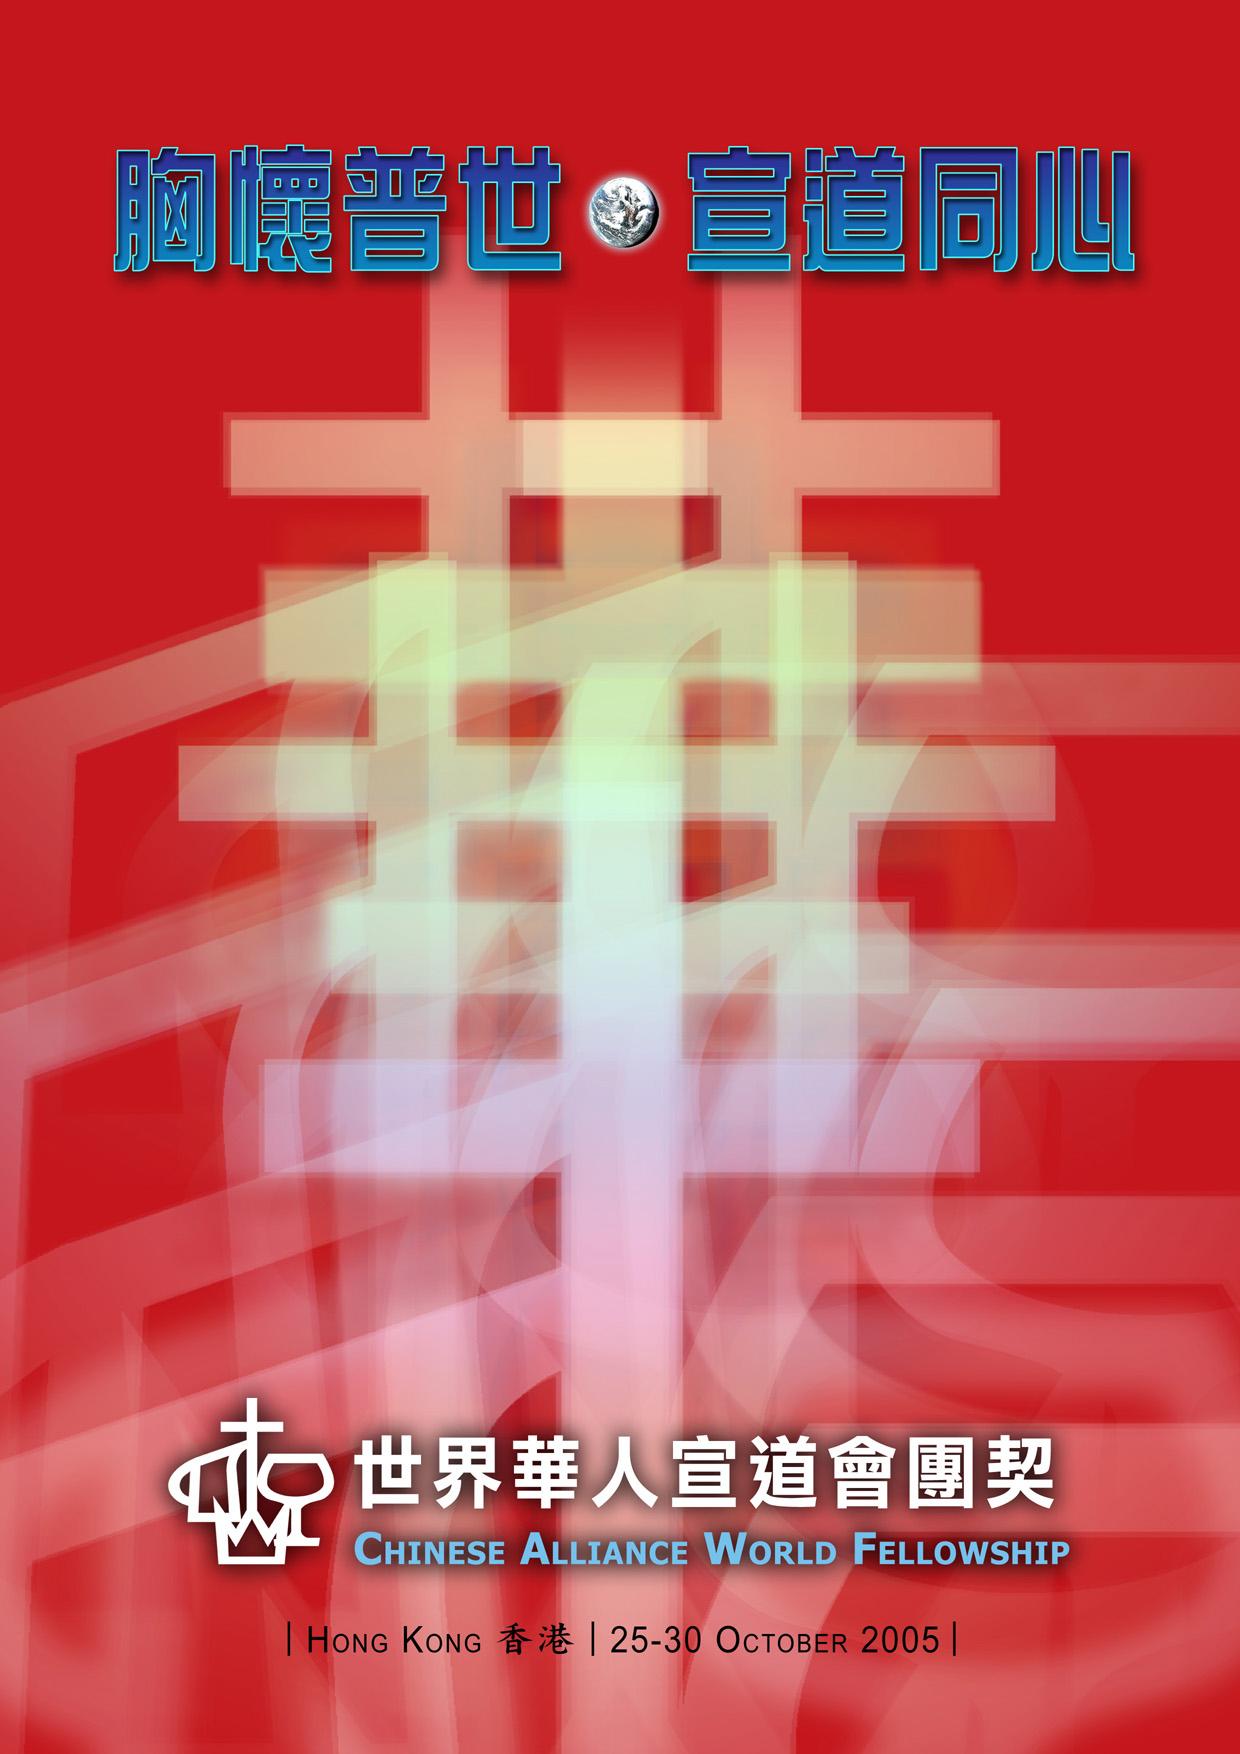 2005-CAWF-00005